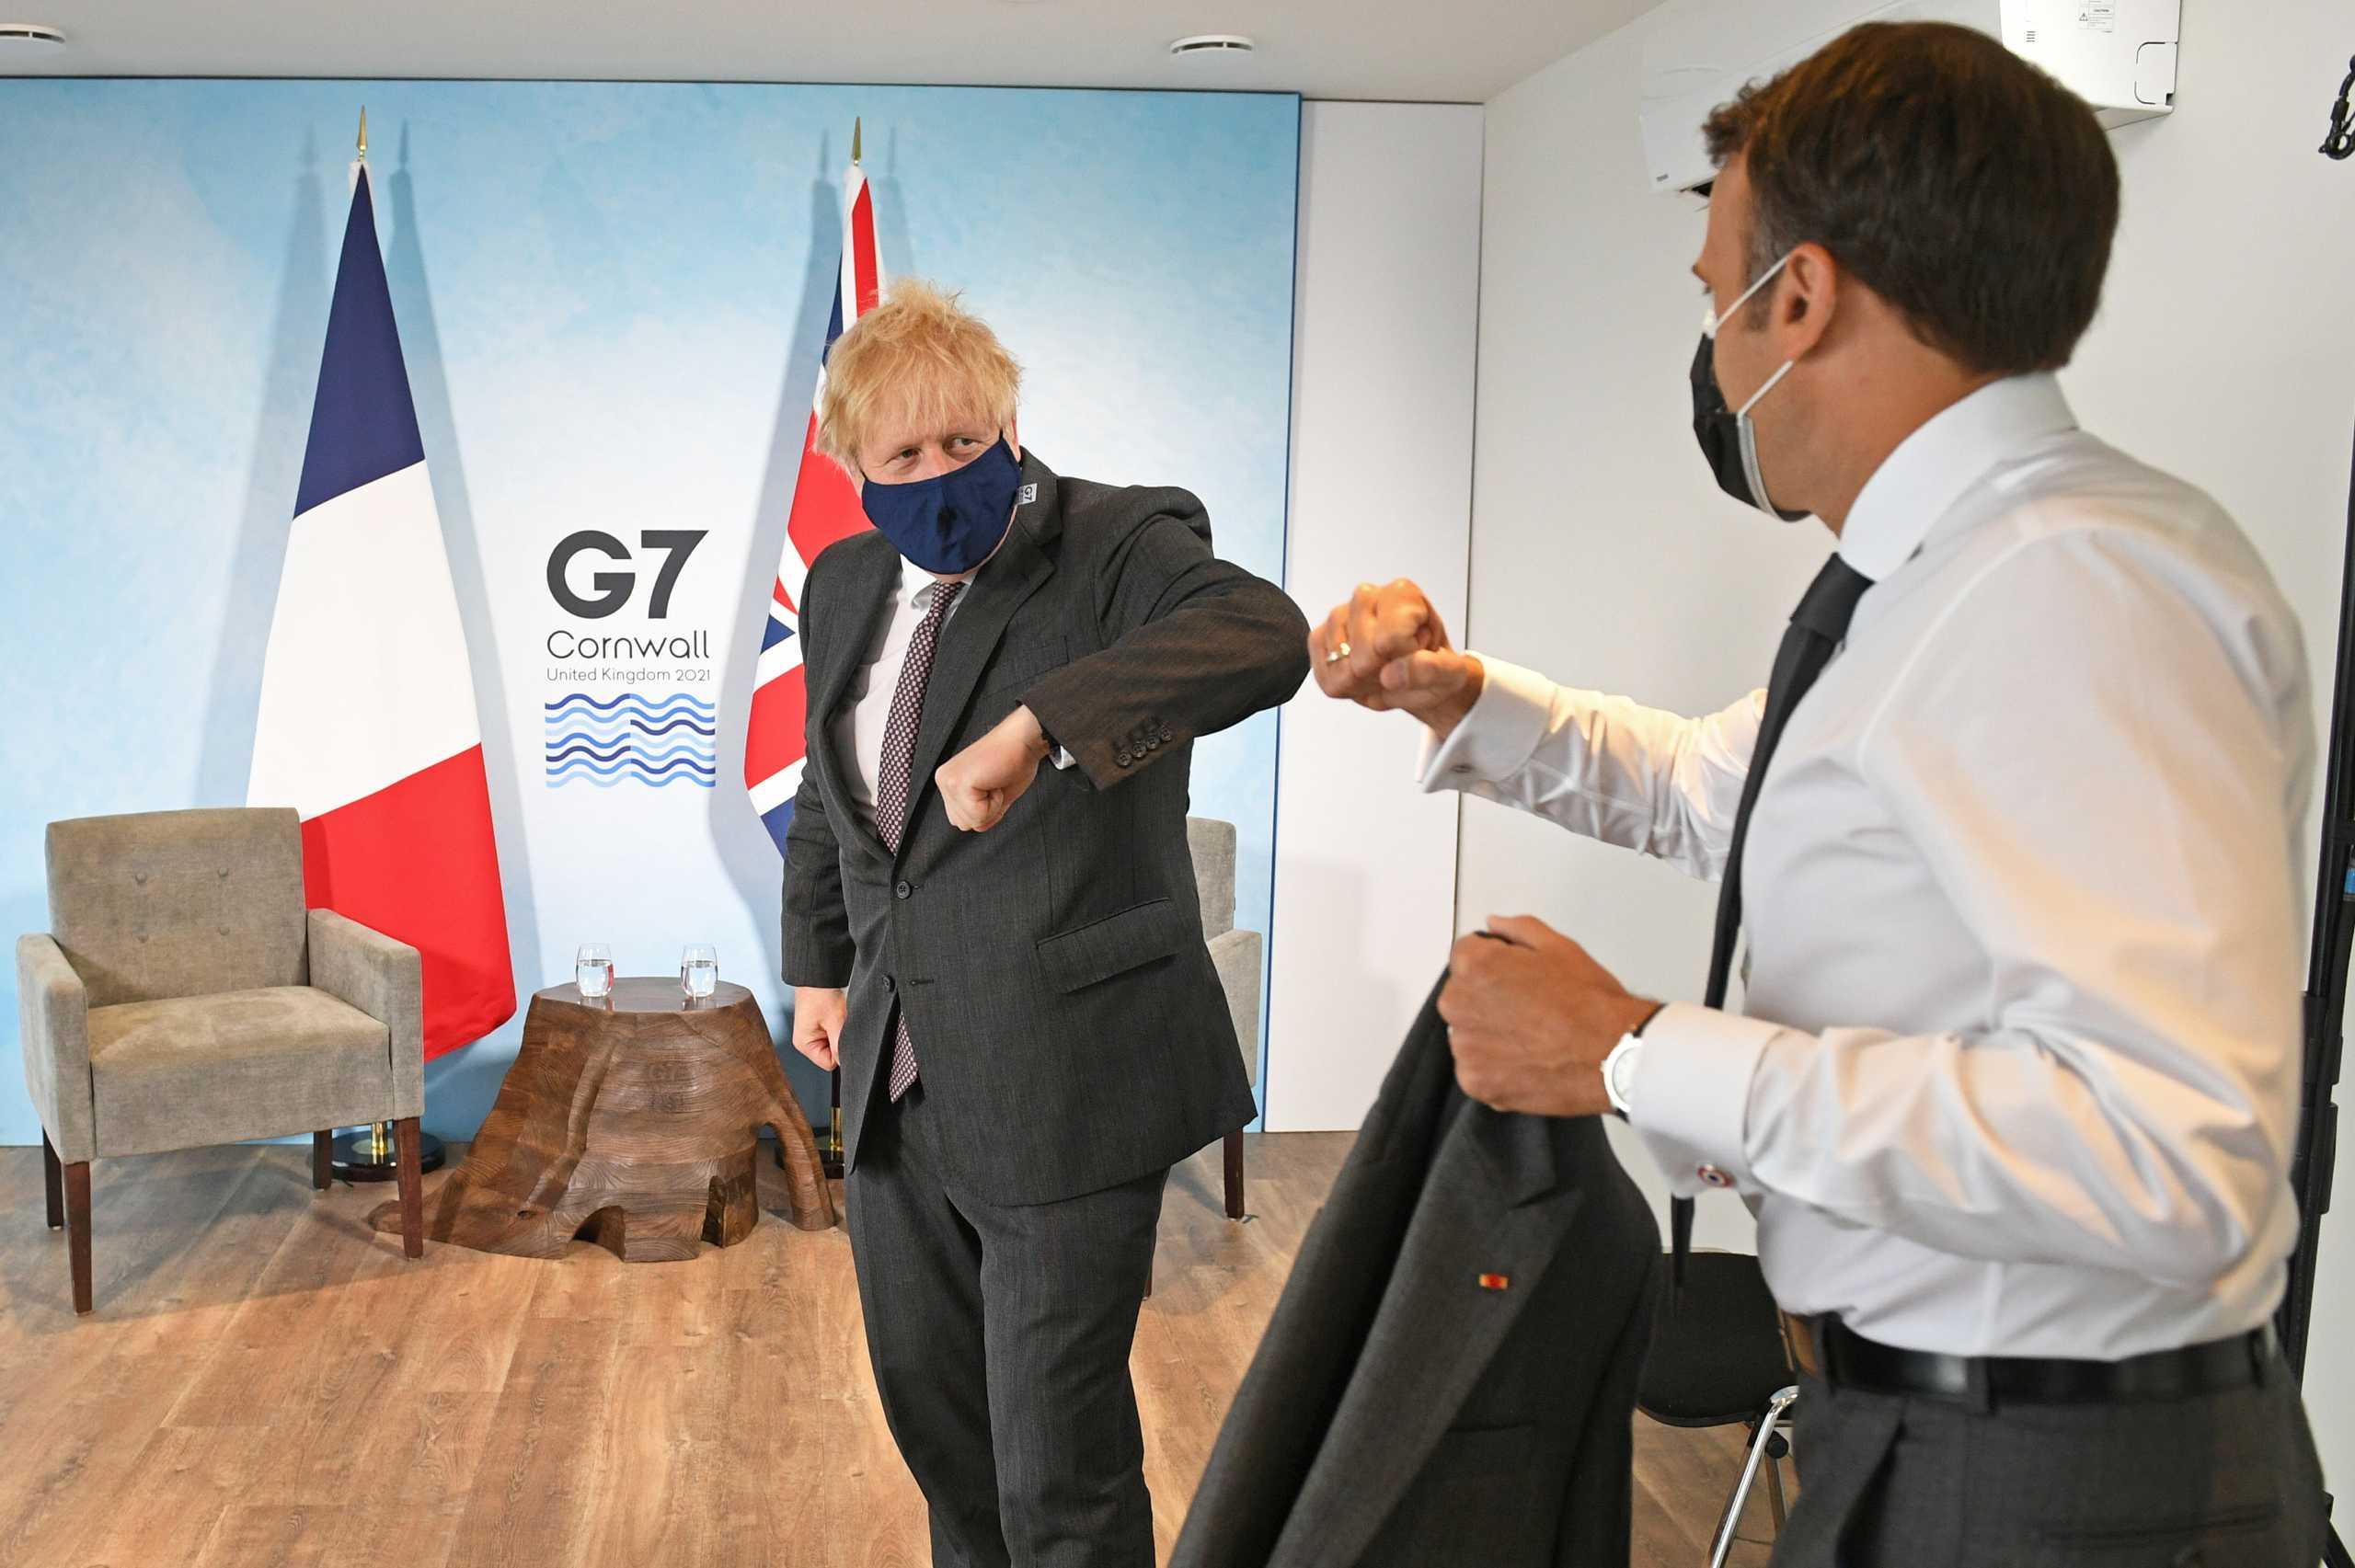 Ο Γάλλος πρόεδρος Μακρόν λογόφερε με τον Βρετανό πρωθυπουργό Τζόνσον στη σύνοδο των G7